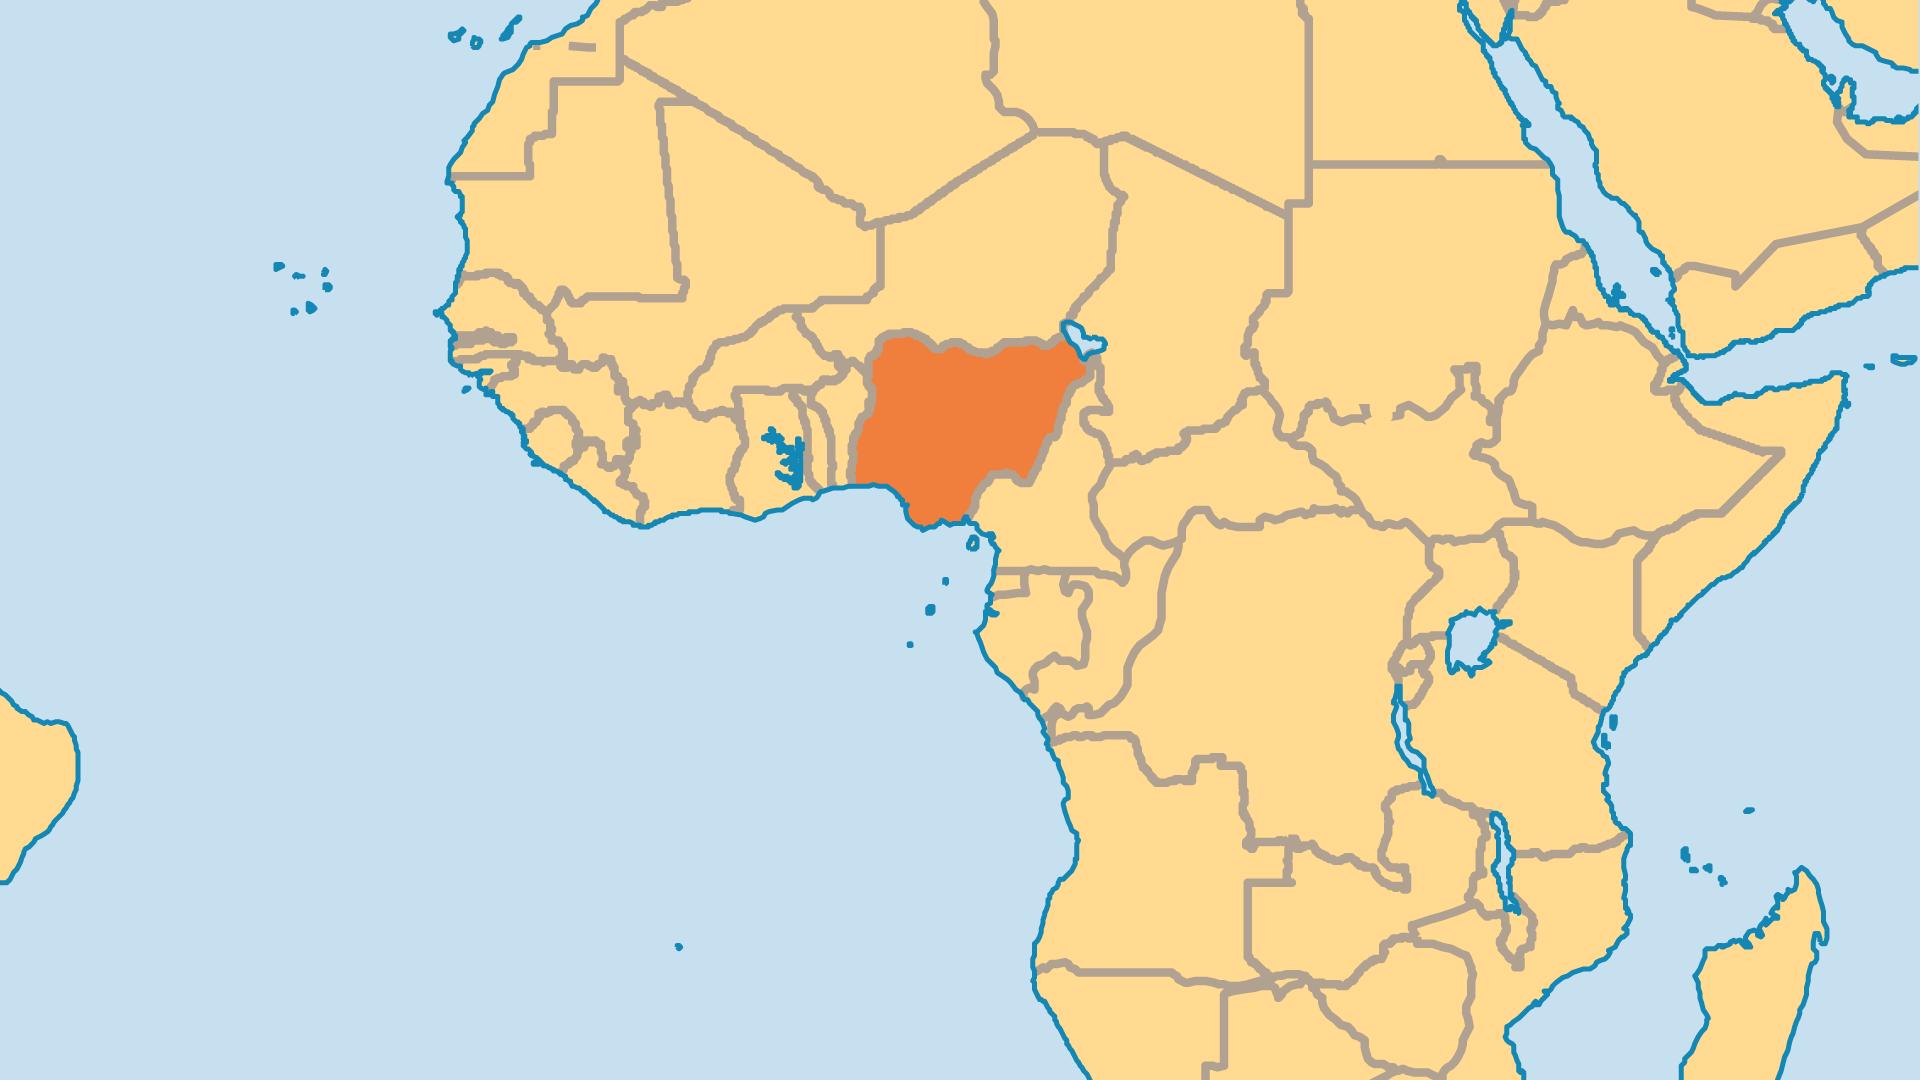 Locator Map for Nigeria